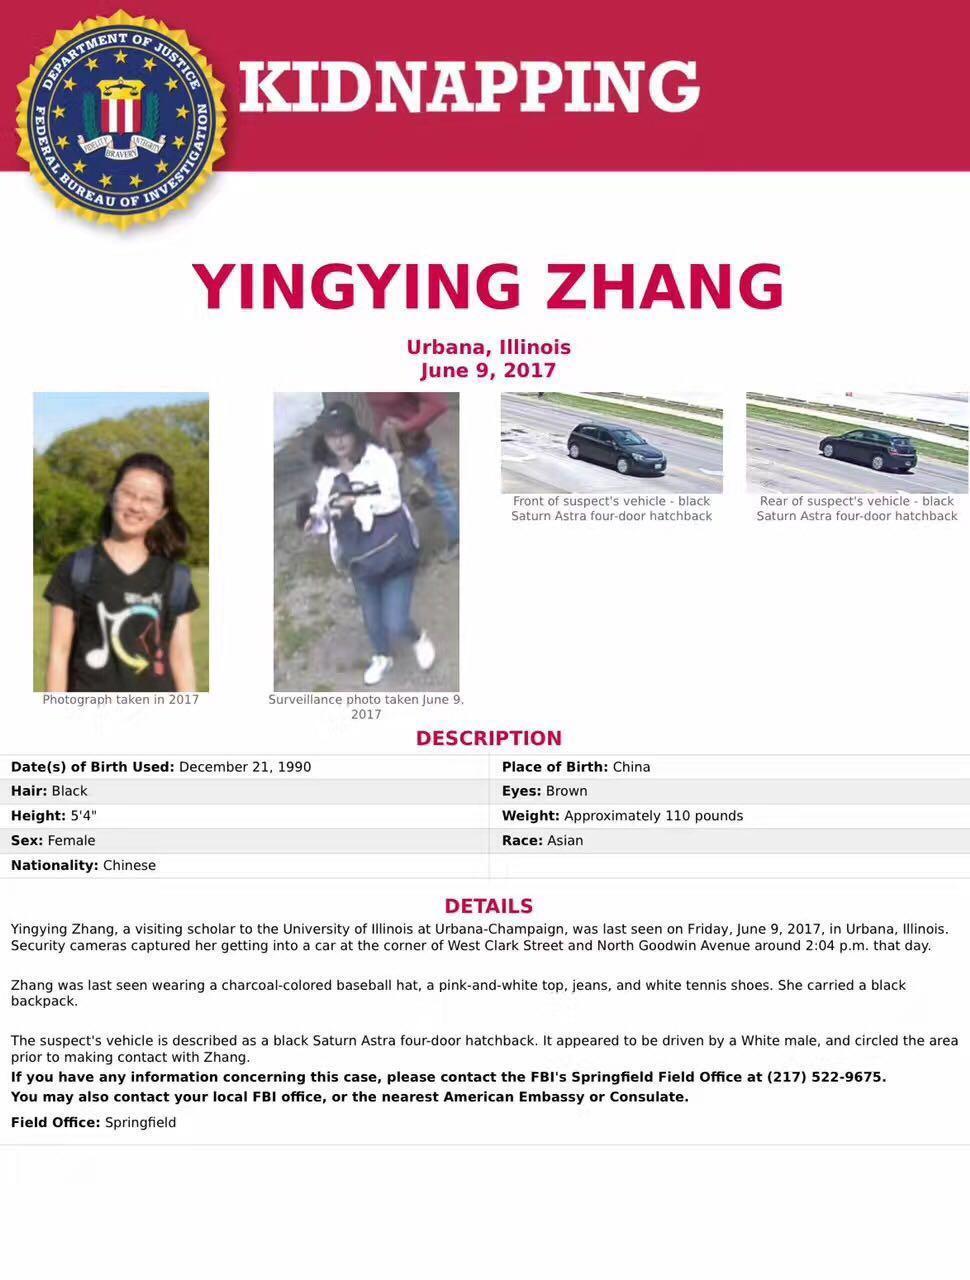 北大女硕士在美失联 FBI已将案件定性为绑架